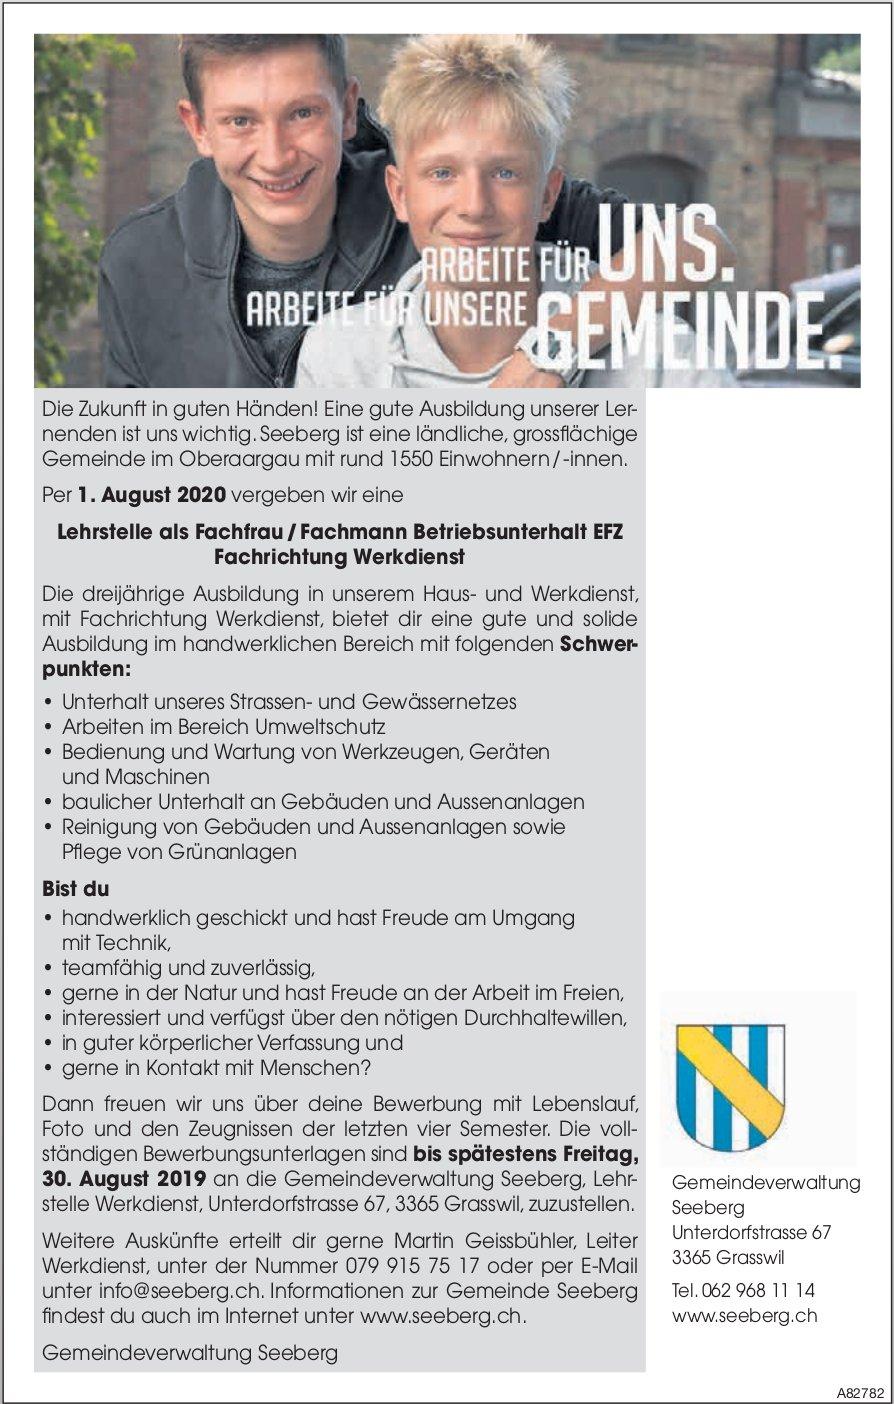 Lehrstelle als Fachfrau / -mann Betriebsunterhalt EFZ Fachrichtung Werkdienst, Seeberg, zu vergeben